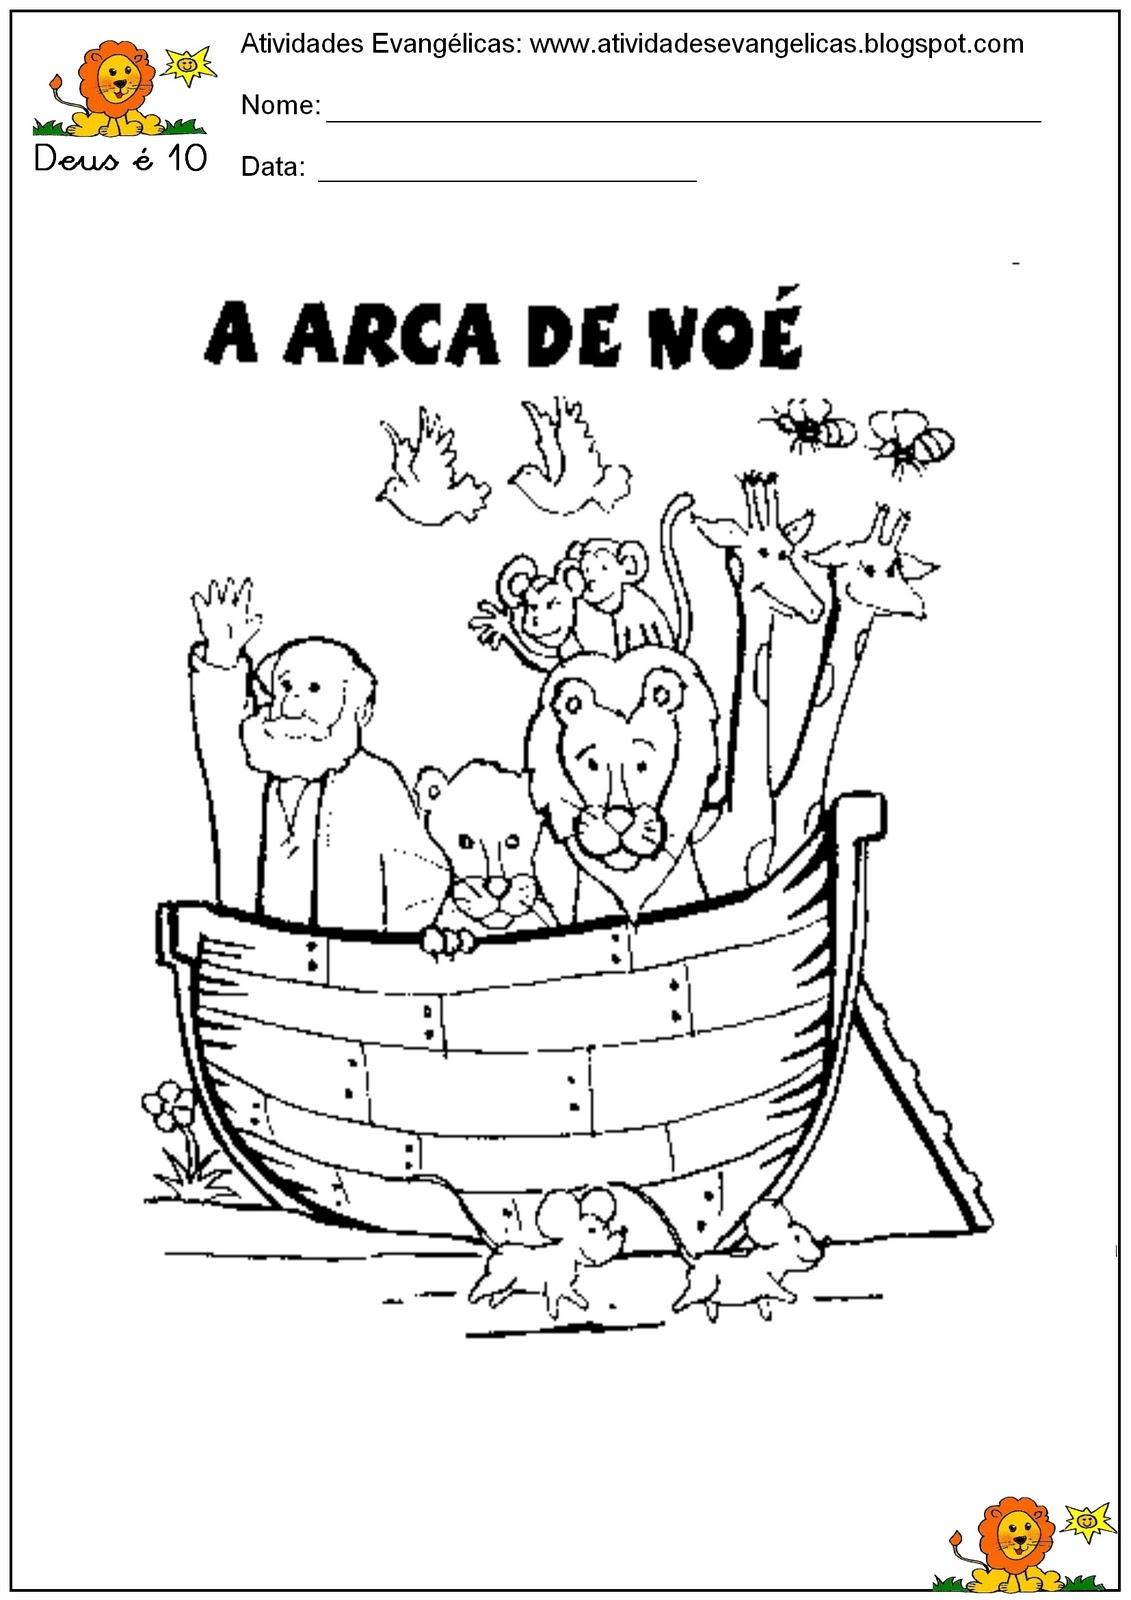 Populares Atividades Evangélicas: Atividades Arca de Noé FB47